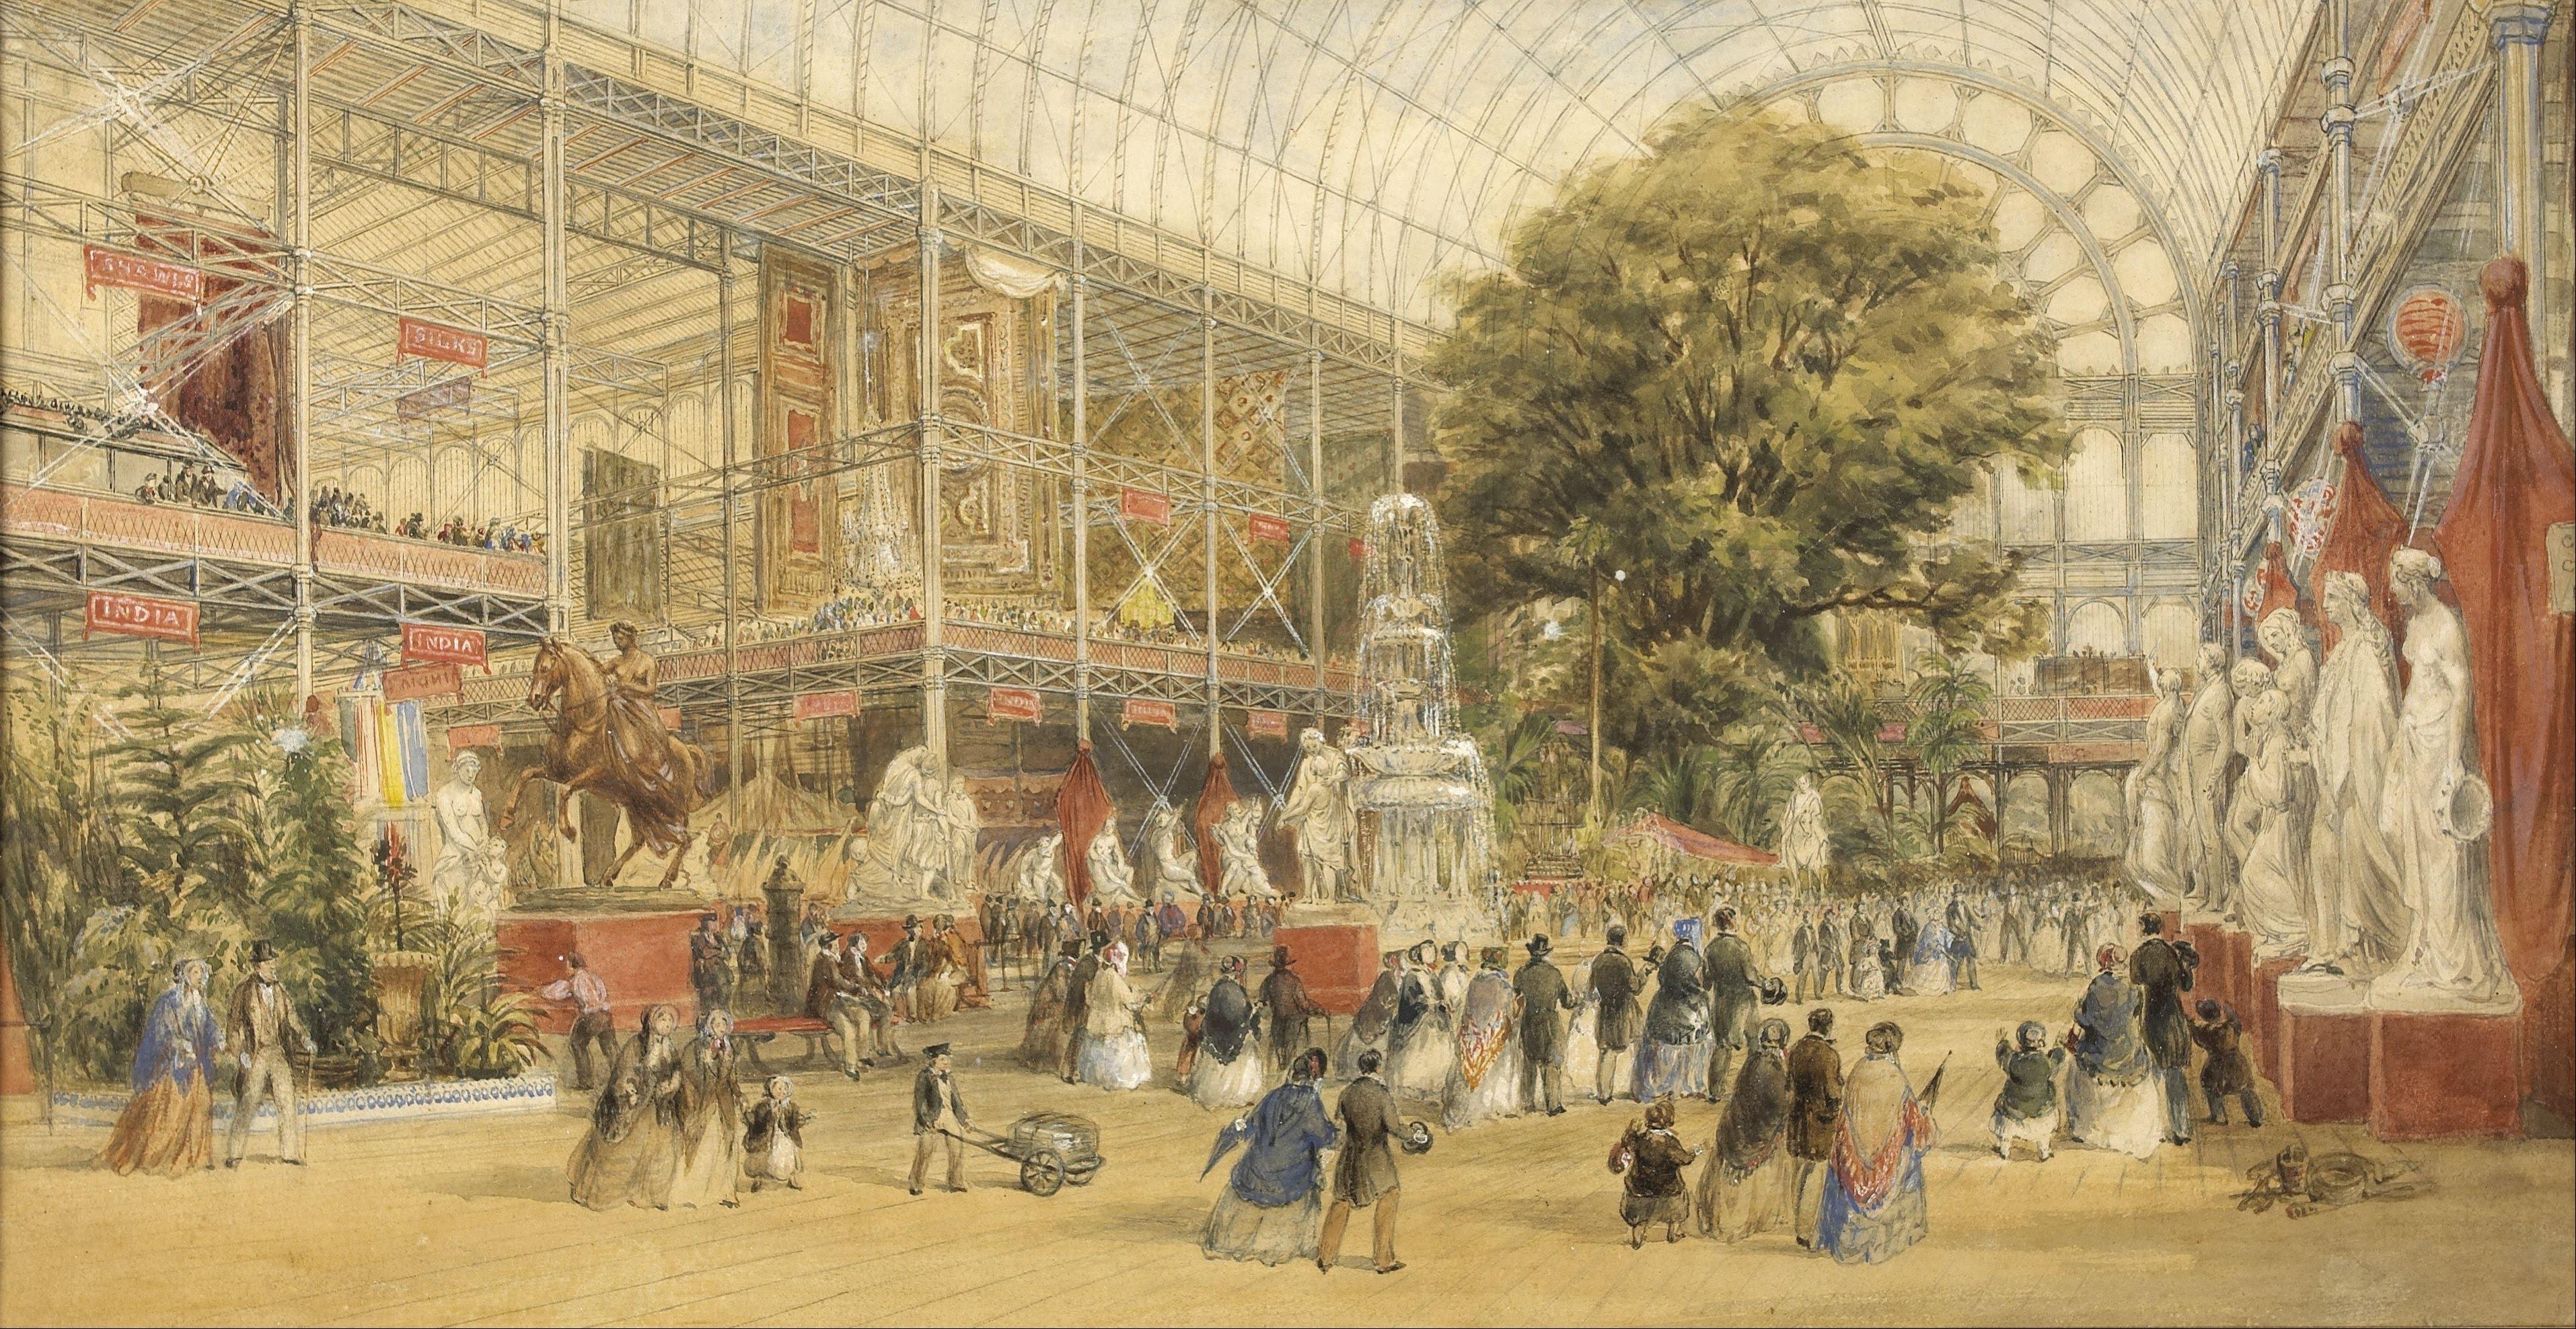 Esposizione Universale Londra 1851